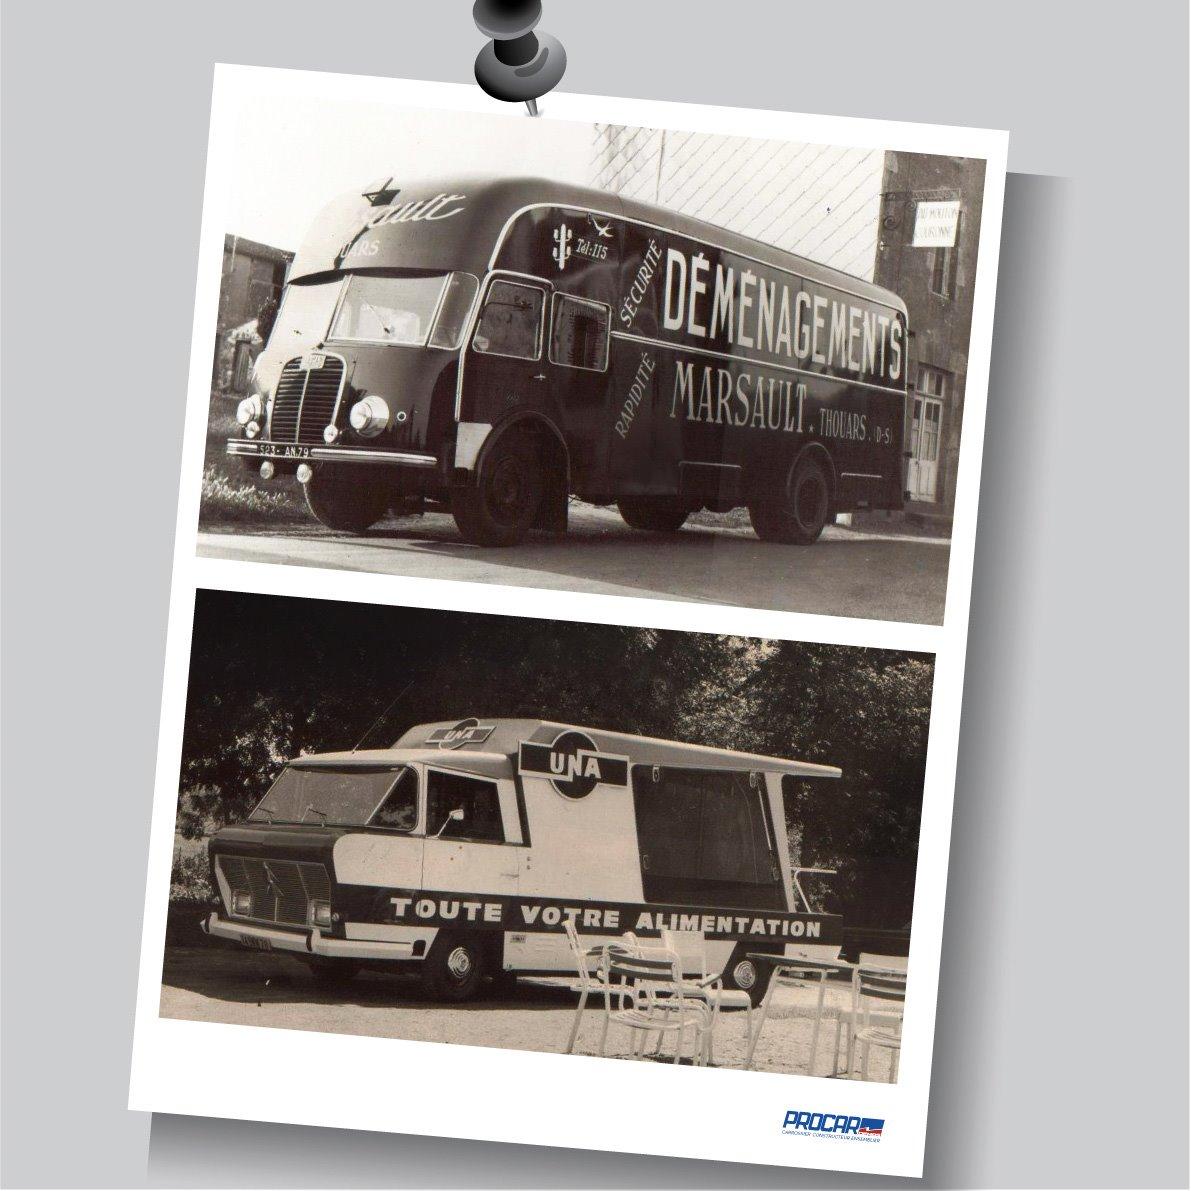 Un savoir-faire issu d'un siècle d'expérience !  Quelques réalisations d'époques ! 🚐🚍🇫🇷  #procardemas #carrosserie #constructeur #ensemblier #expériences #évolution # #véhicule #spéciaux #snfc #cinema